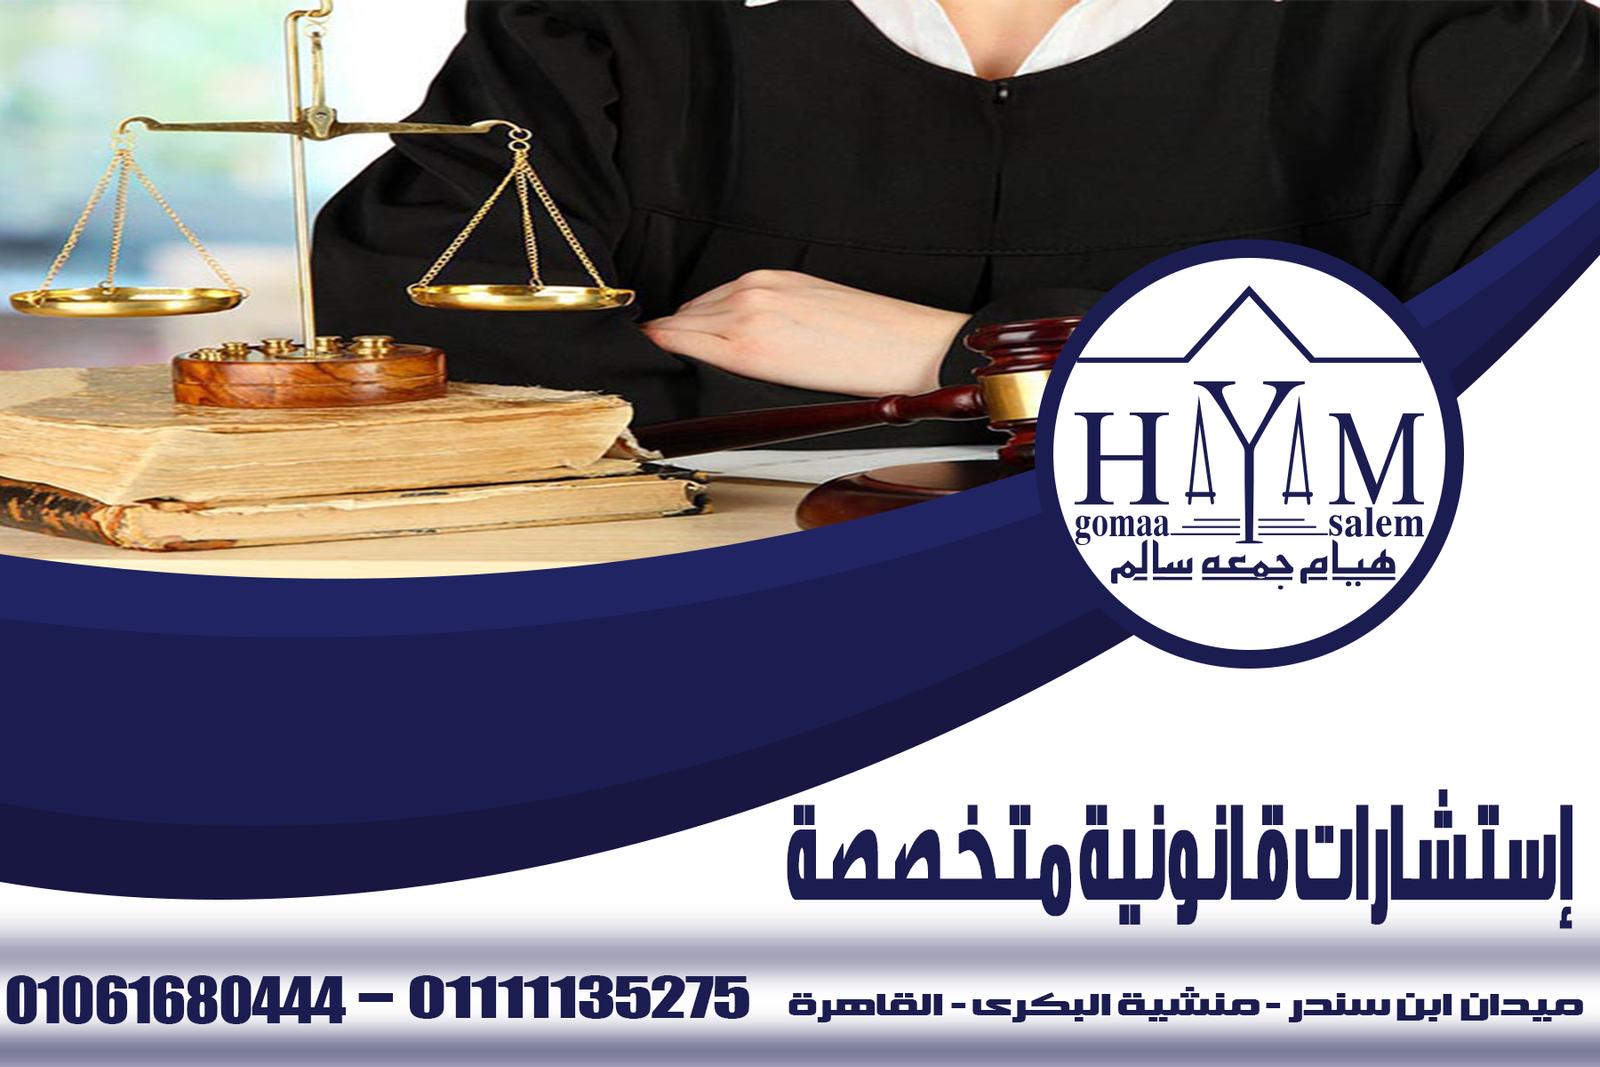 زواج الاجانب في مصر المحامية هيام جمعه سالم 01061680444 – الفرق بين القانون و التشريع